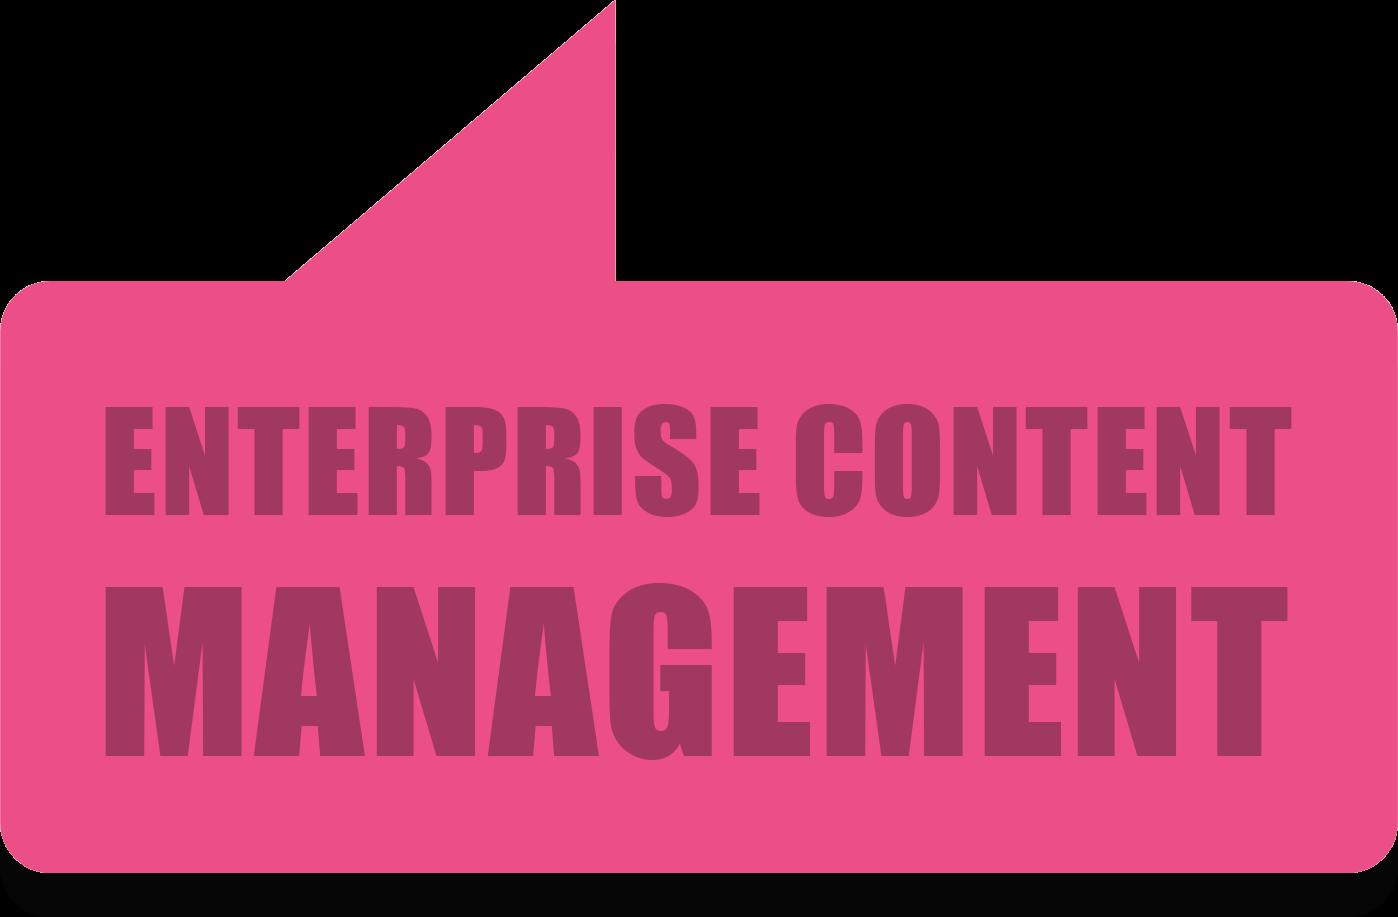 Enterprise Content Management solutions